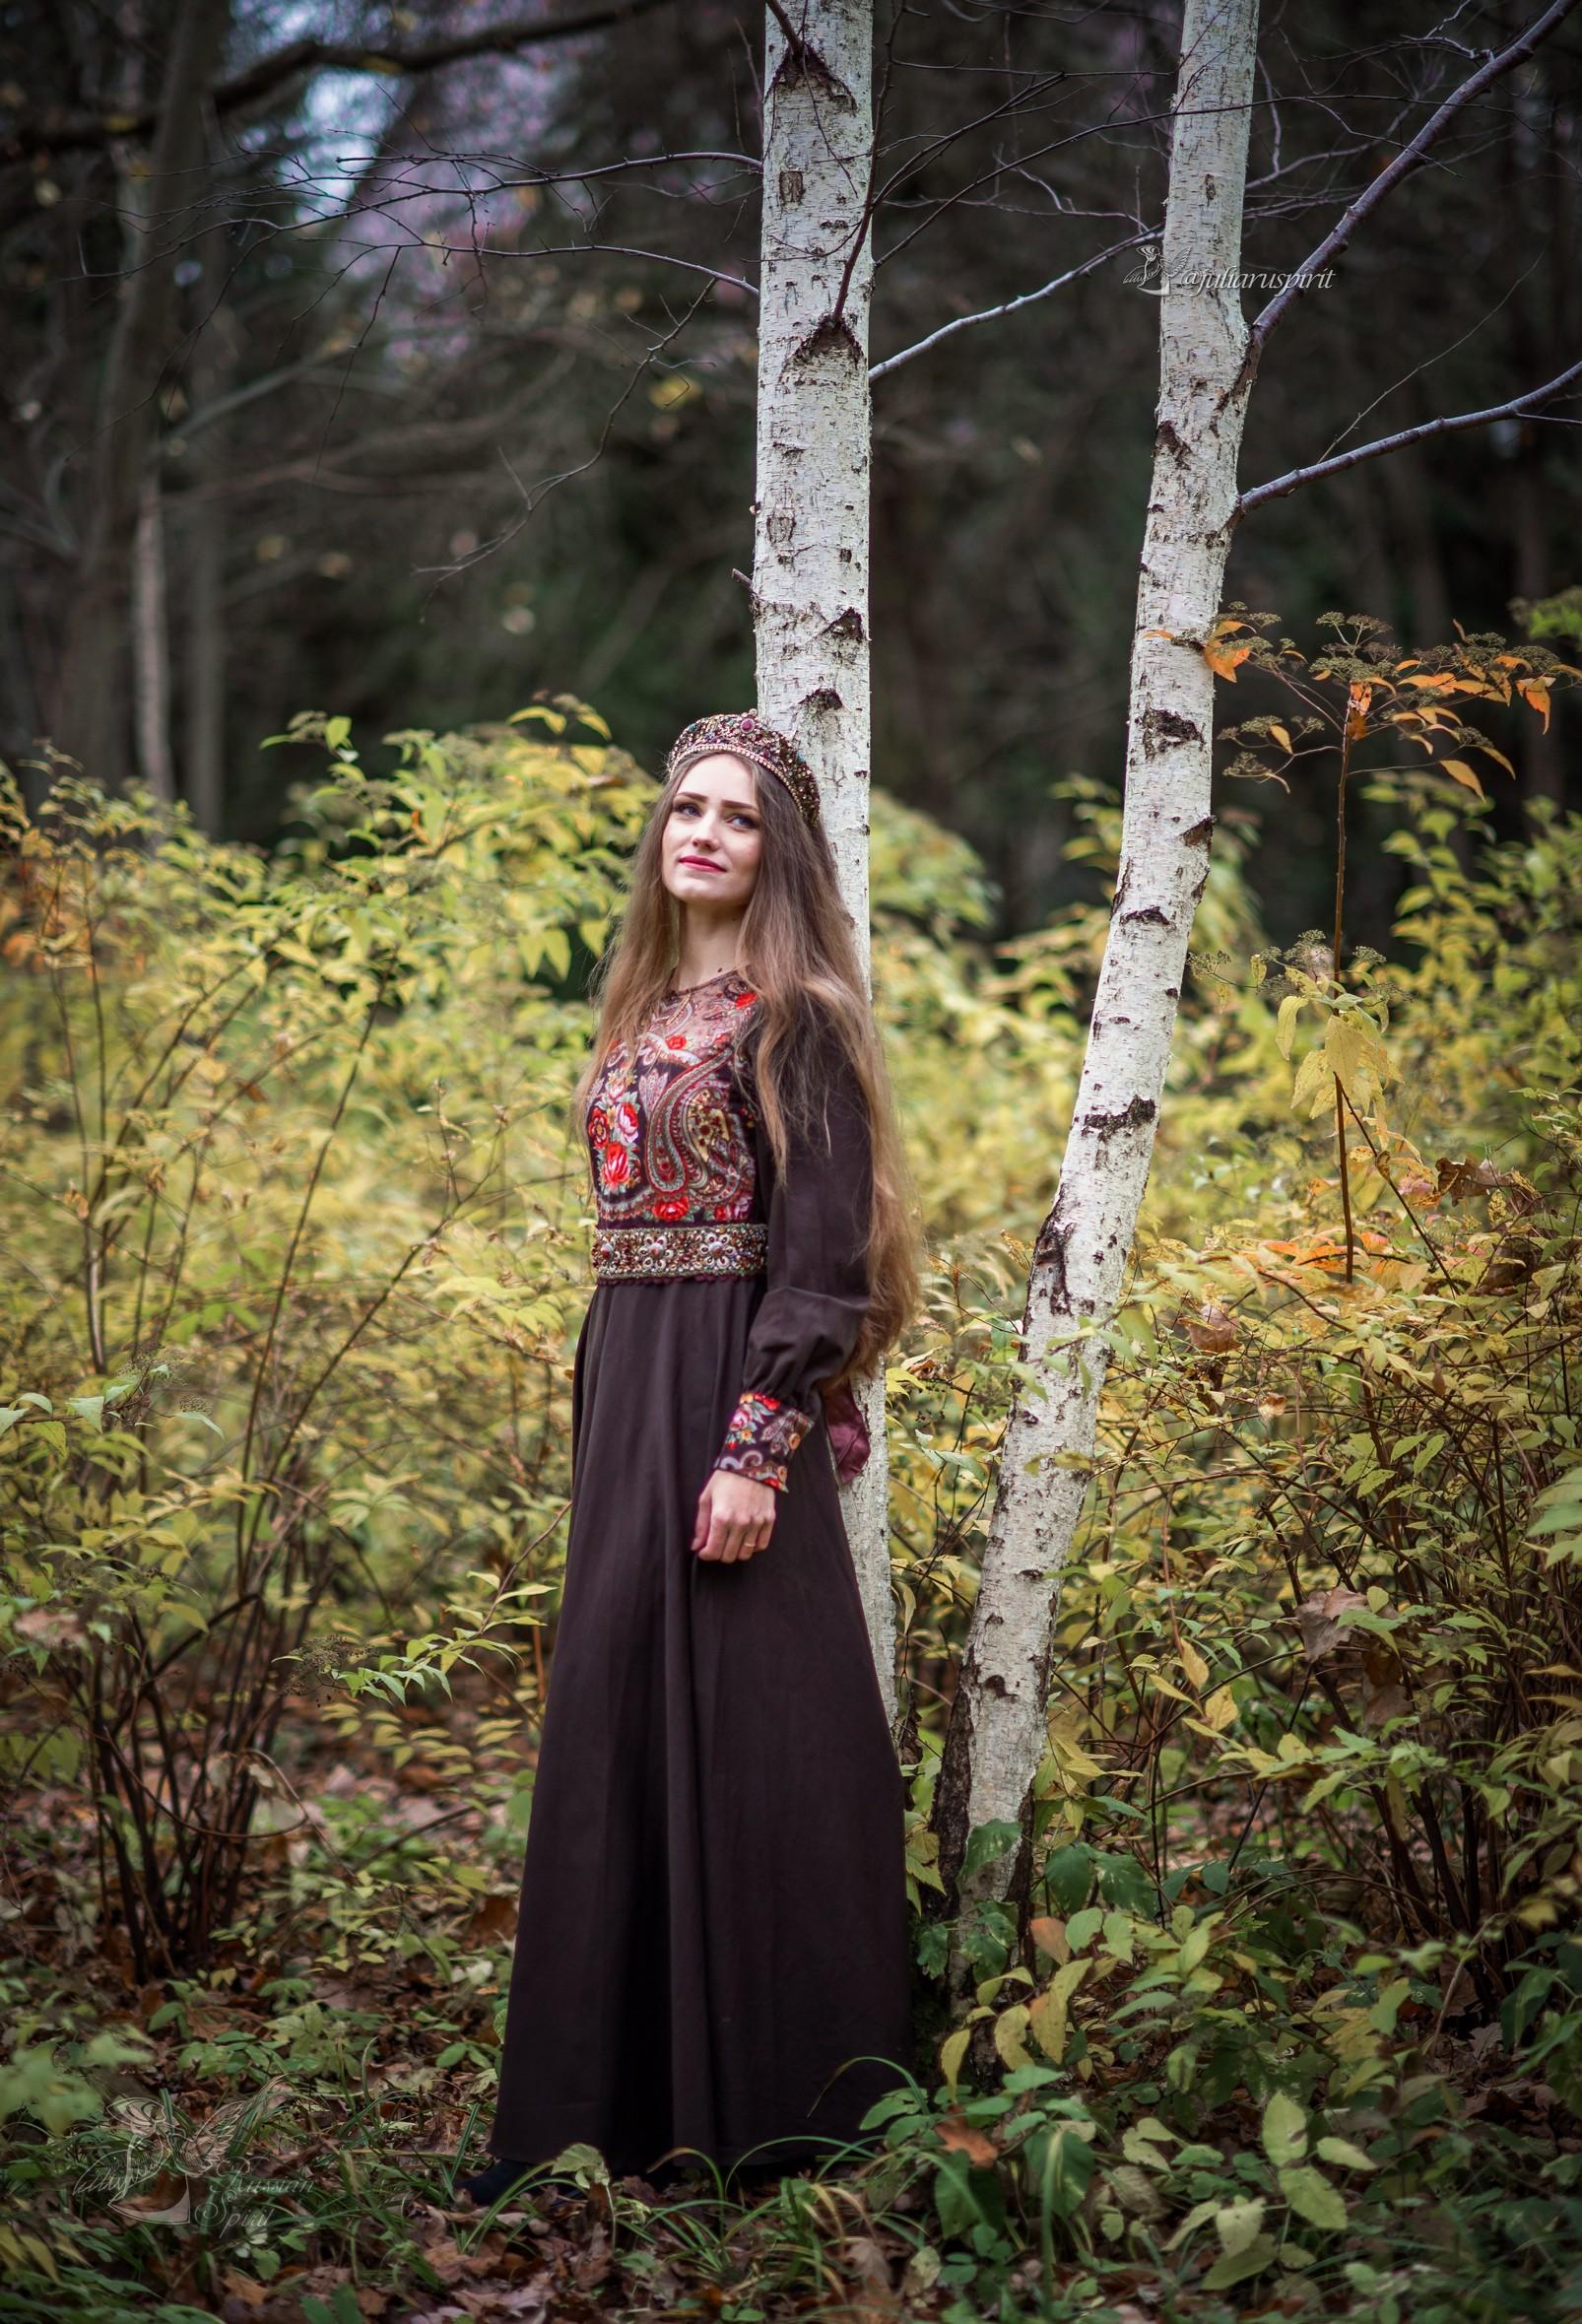 Девушка в коричневом платье в русском стиле у березки